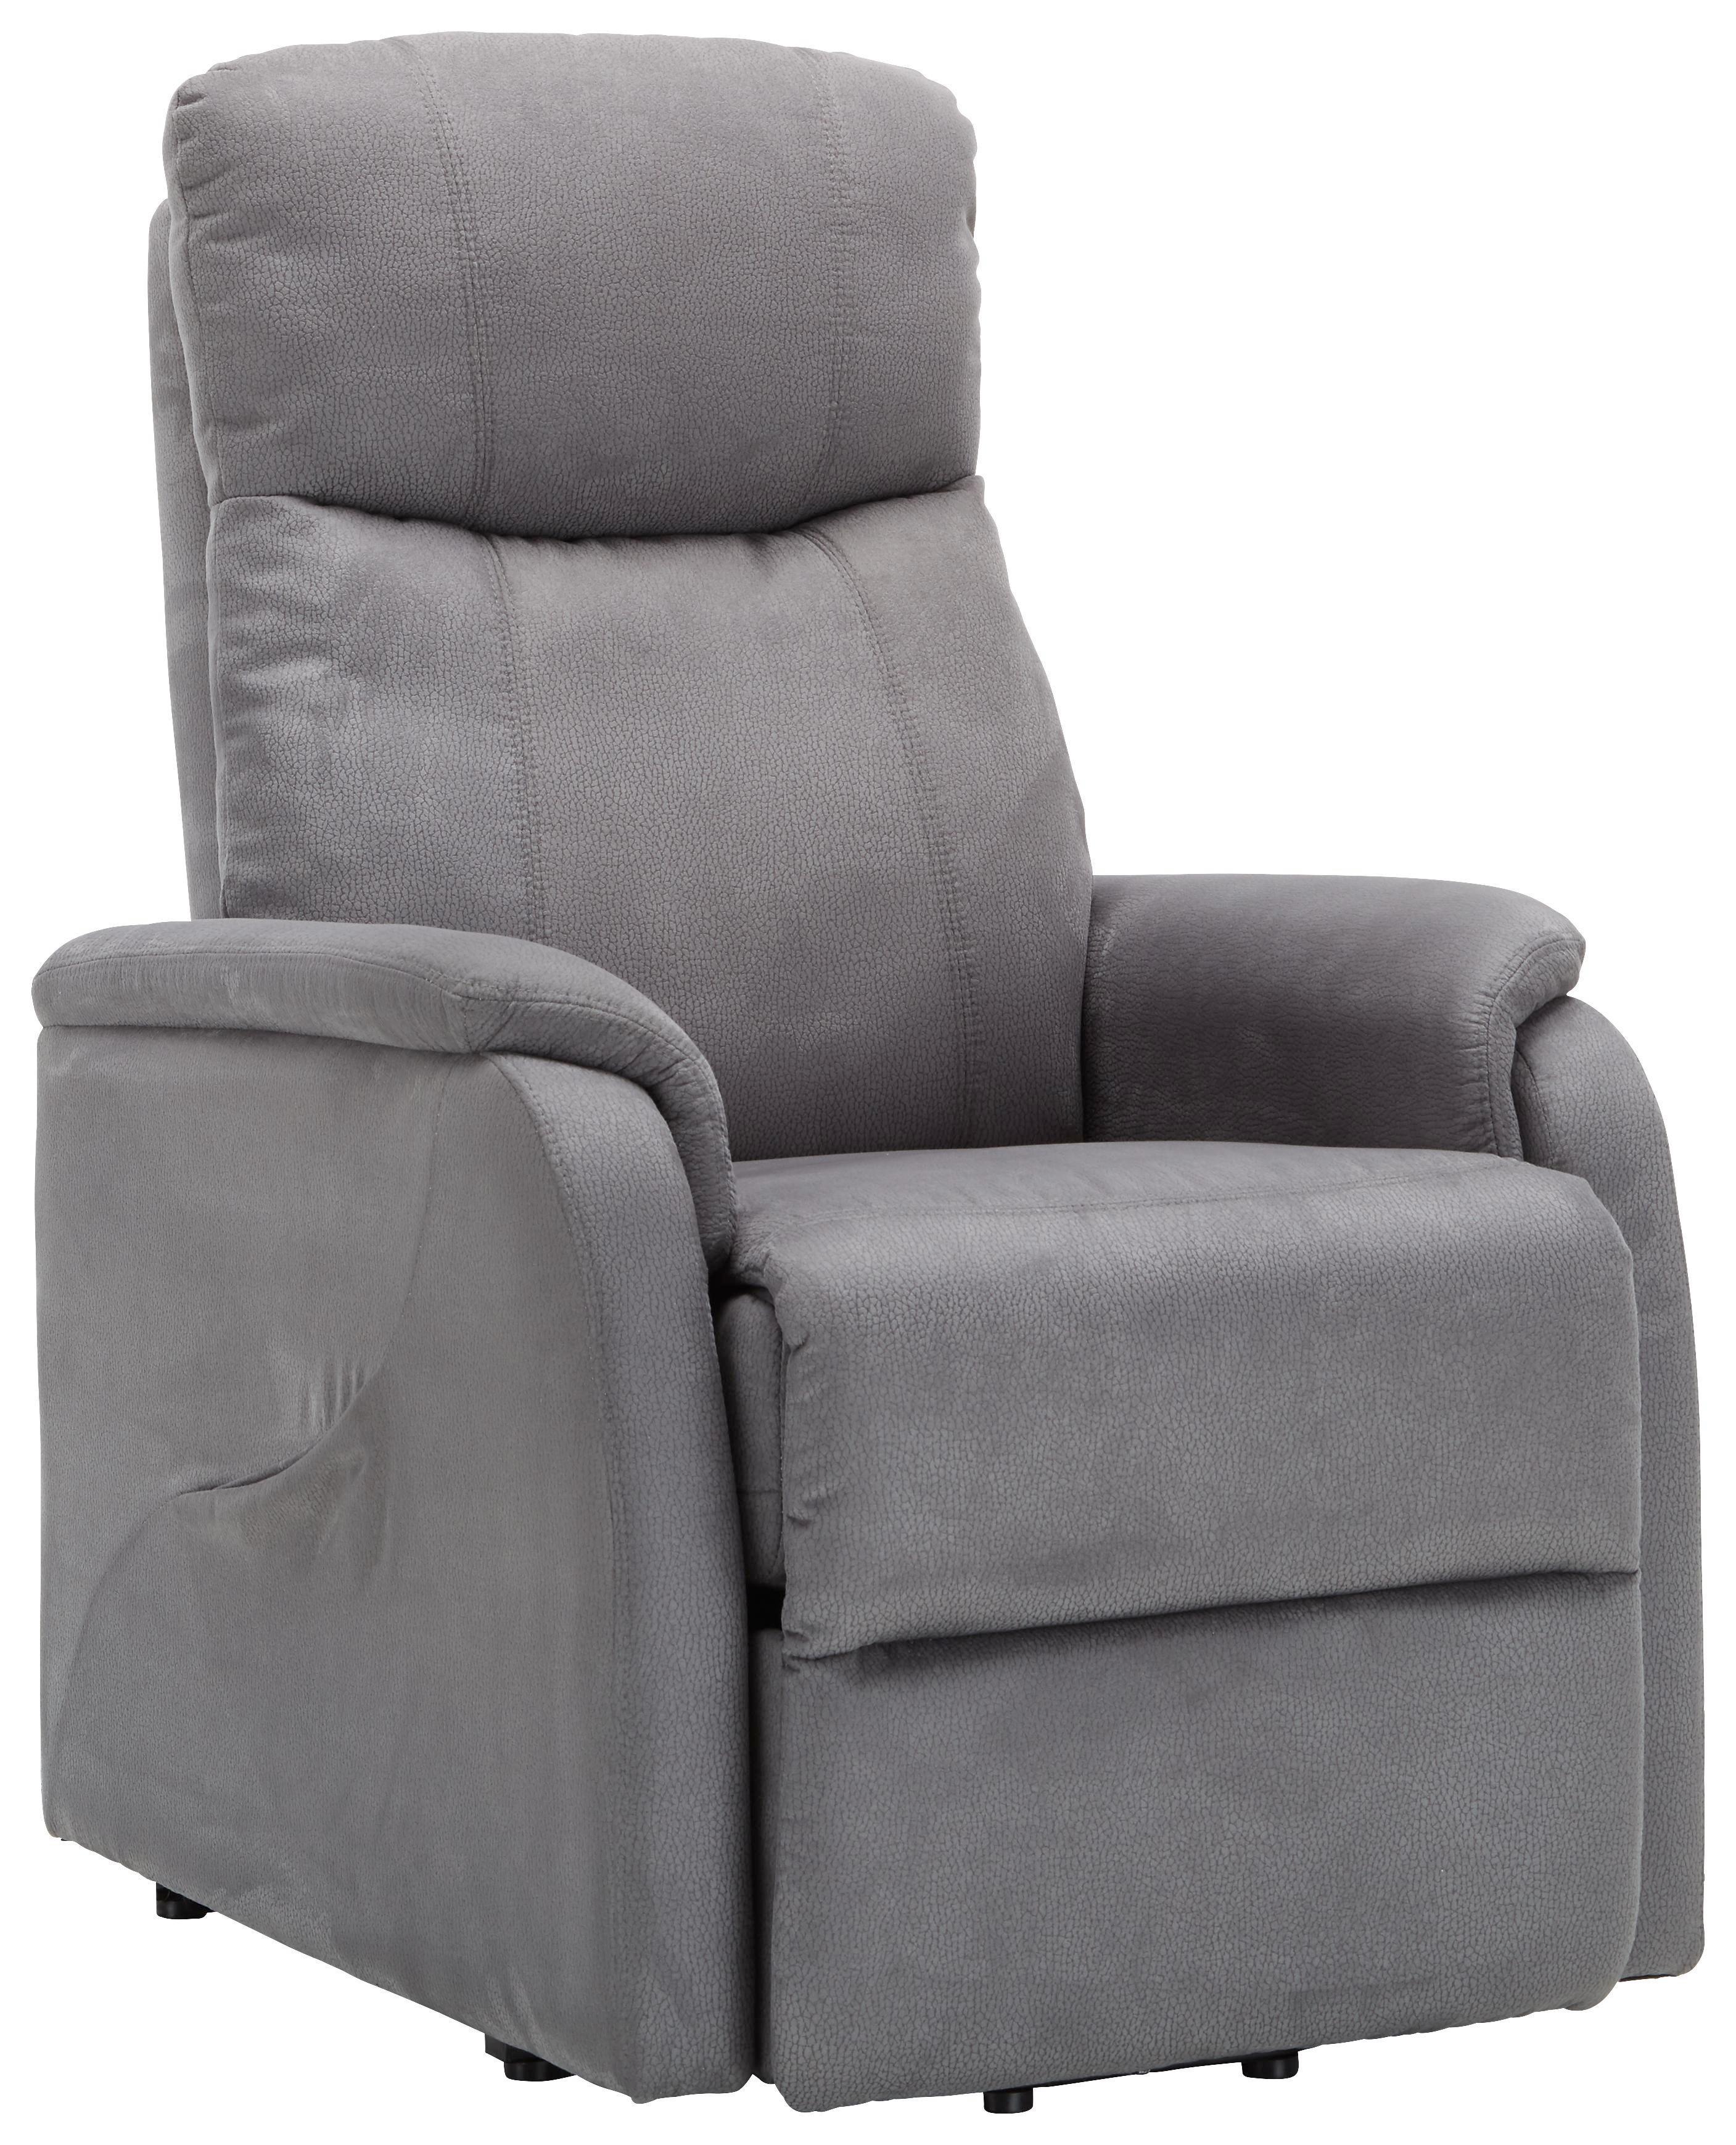 Relaxsessel modern kaufen  Relaxsessel in Grau online kaufen ➤ mömax